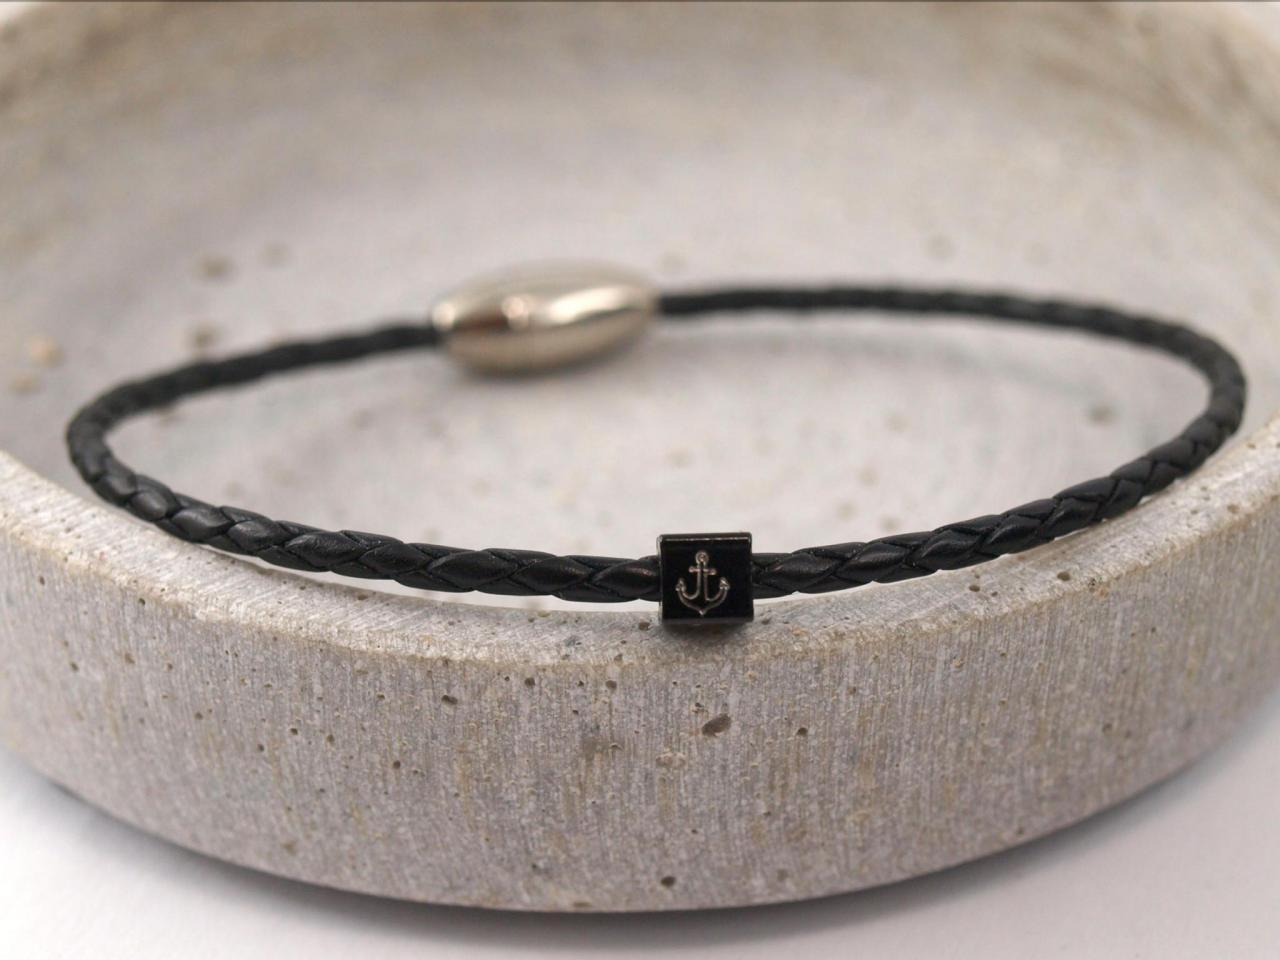 Leo schmales Lederarmband geflochten Gravur Wuerfel Magnetverschluss schwarz mit Anker schwarz